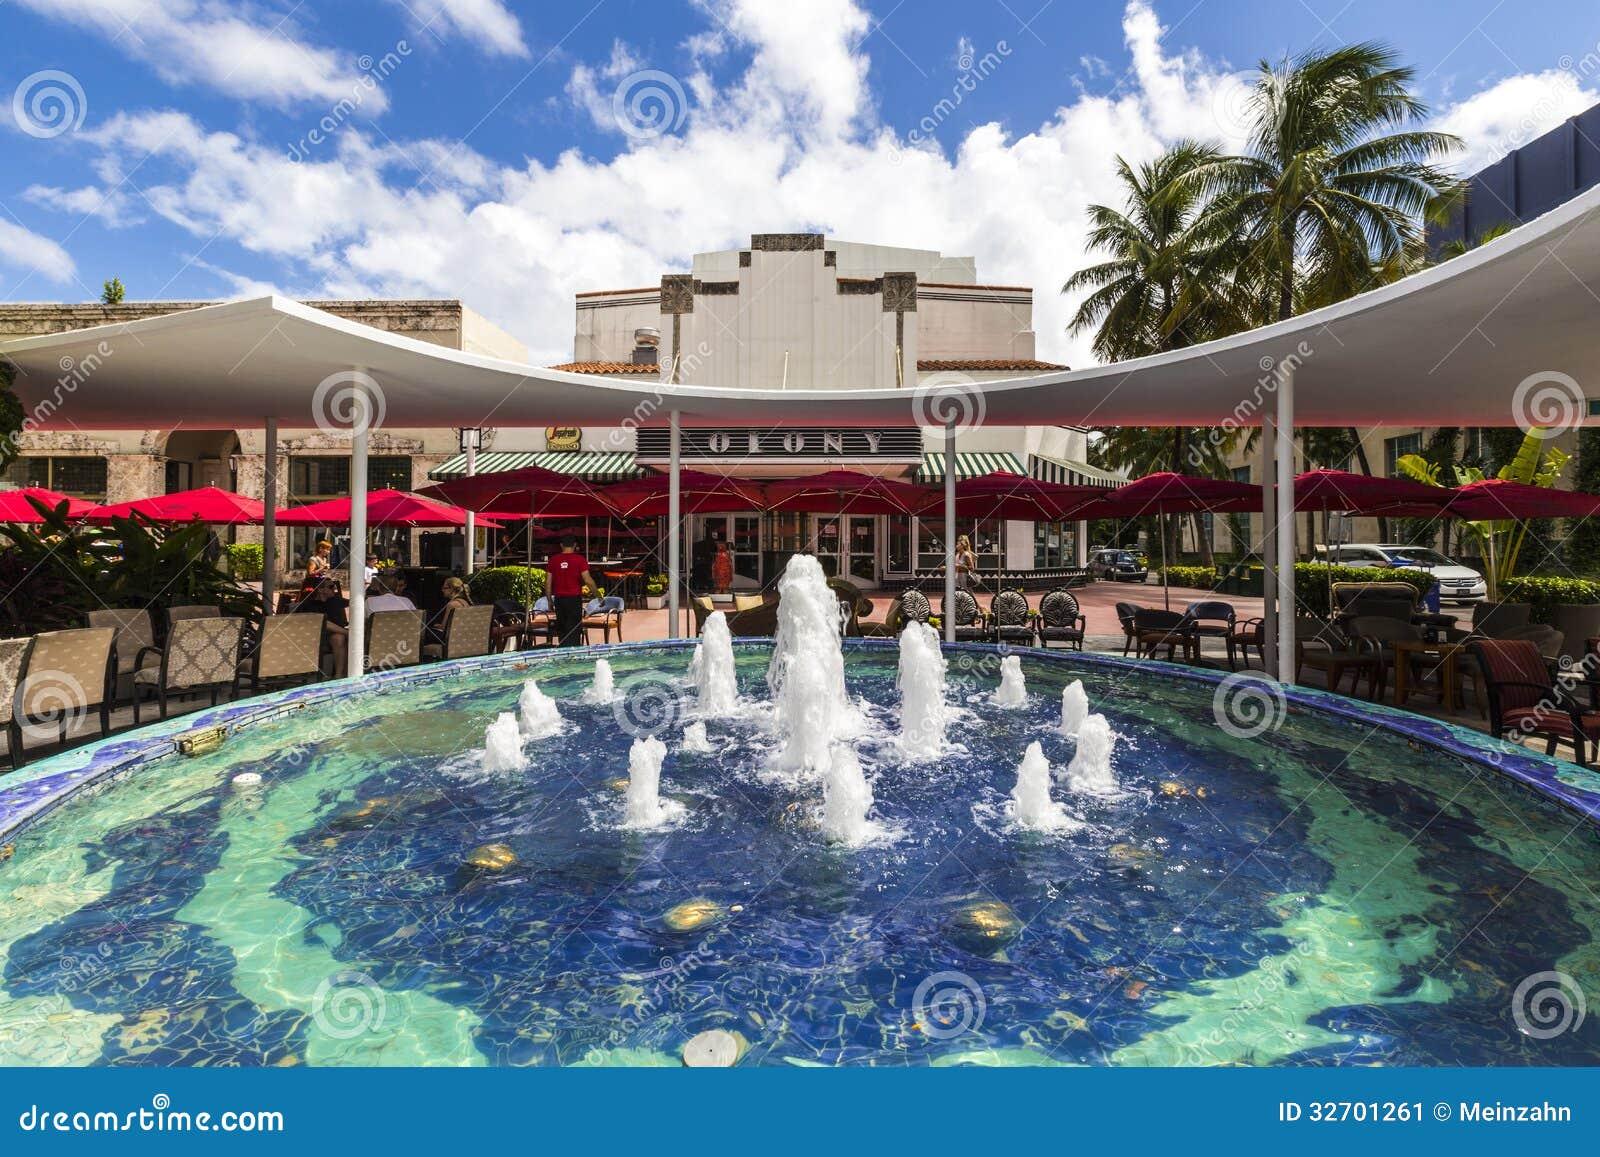 History Miami Beach Hotels